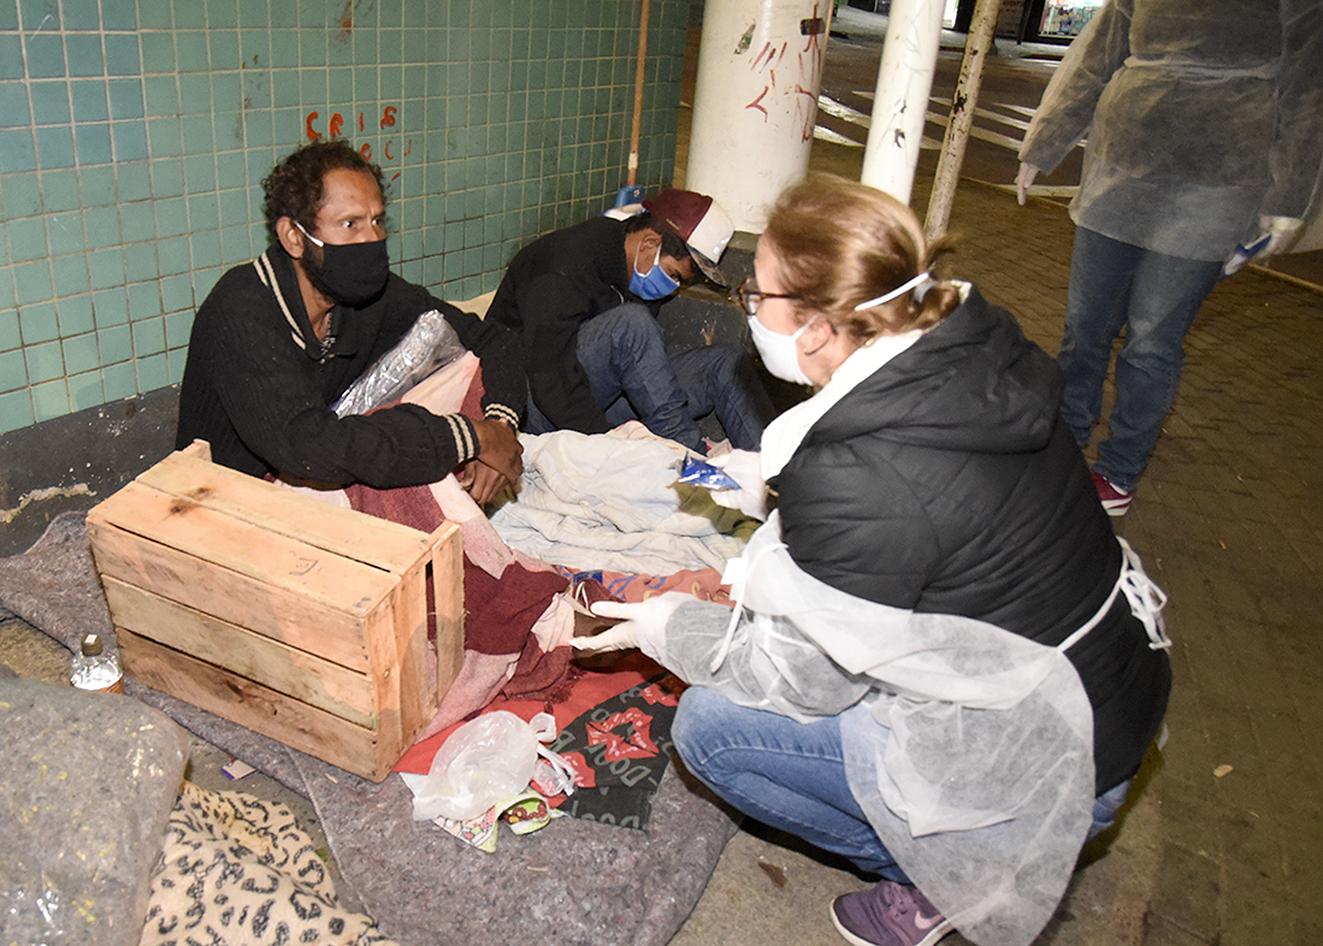 Mulher com avental e máscara abaixada, conversando com dois homens deitados sobre cobertores e caixas sobre uma calçada, apoiados em parede de azulejos